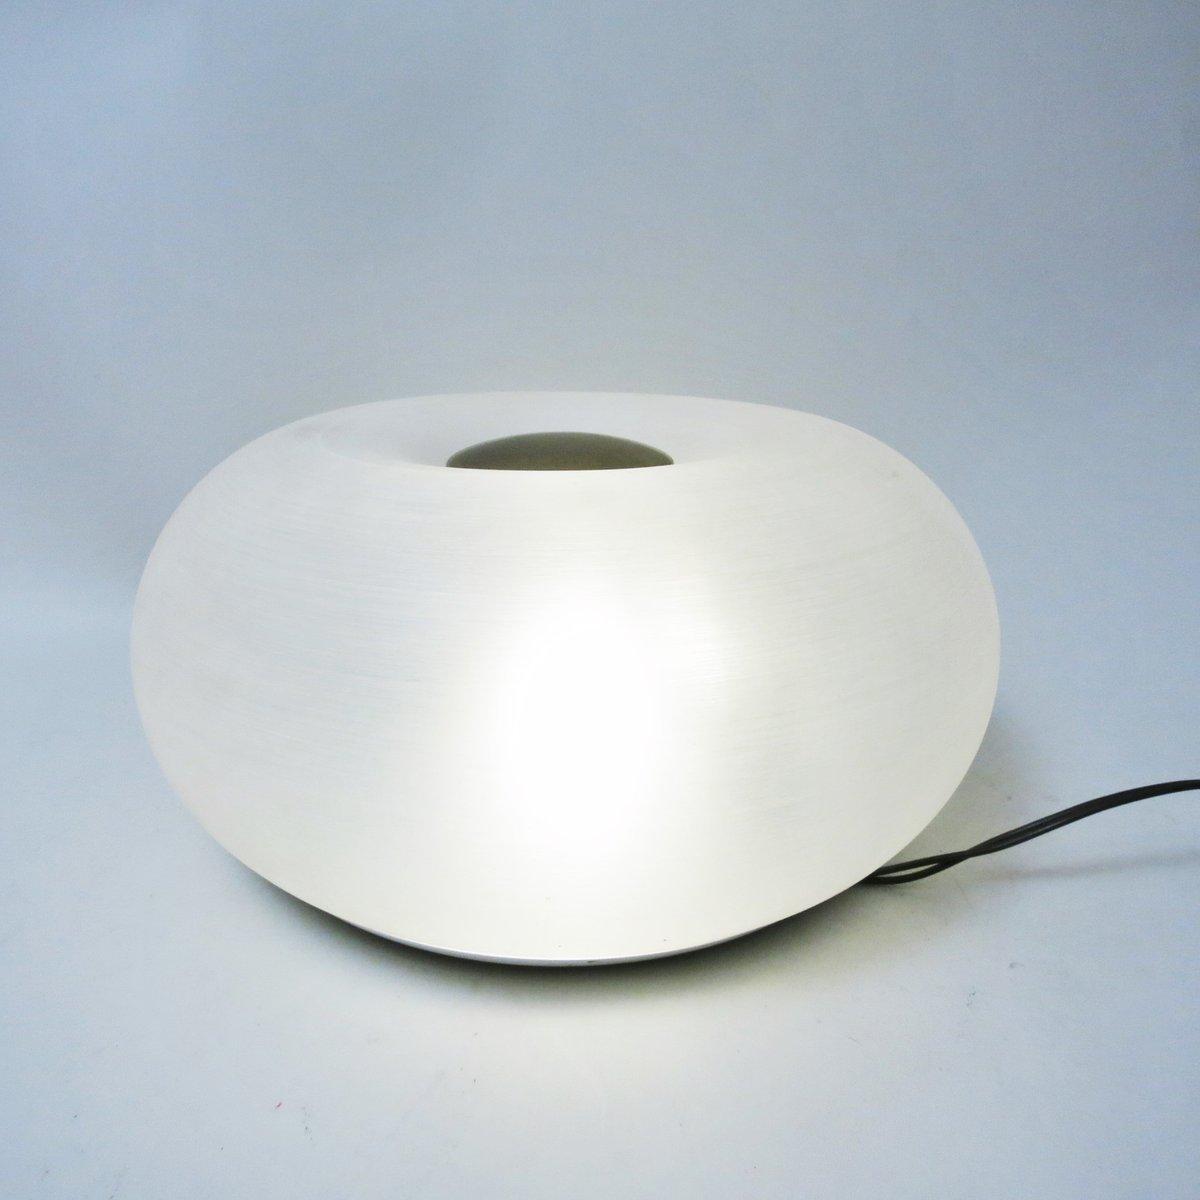 Vintage Ciambella Lamp by Vico Magistretti for Fontana Arte